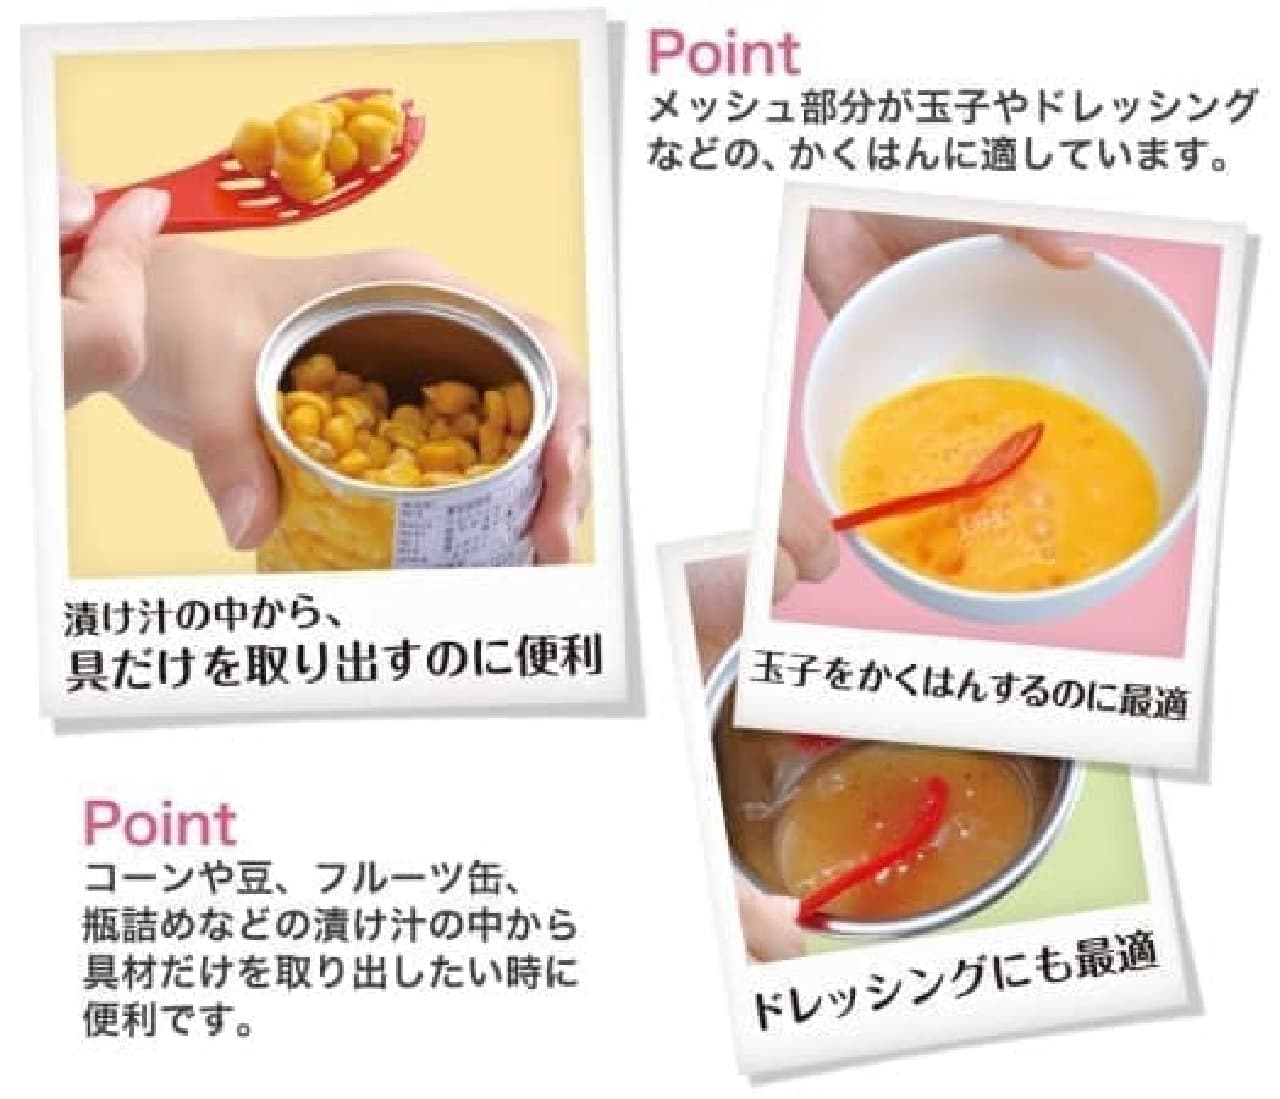 ツナ缶調理向け専用スプーン「ダイヤ ツナトモ」